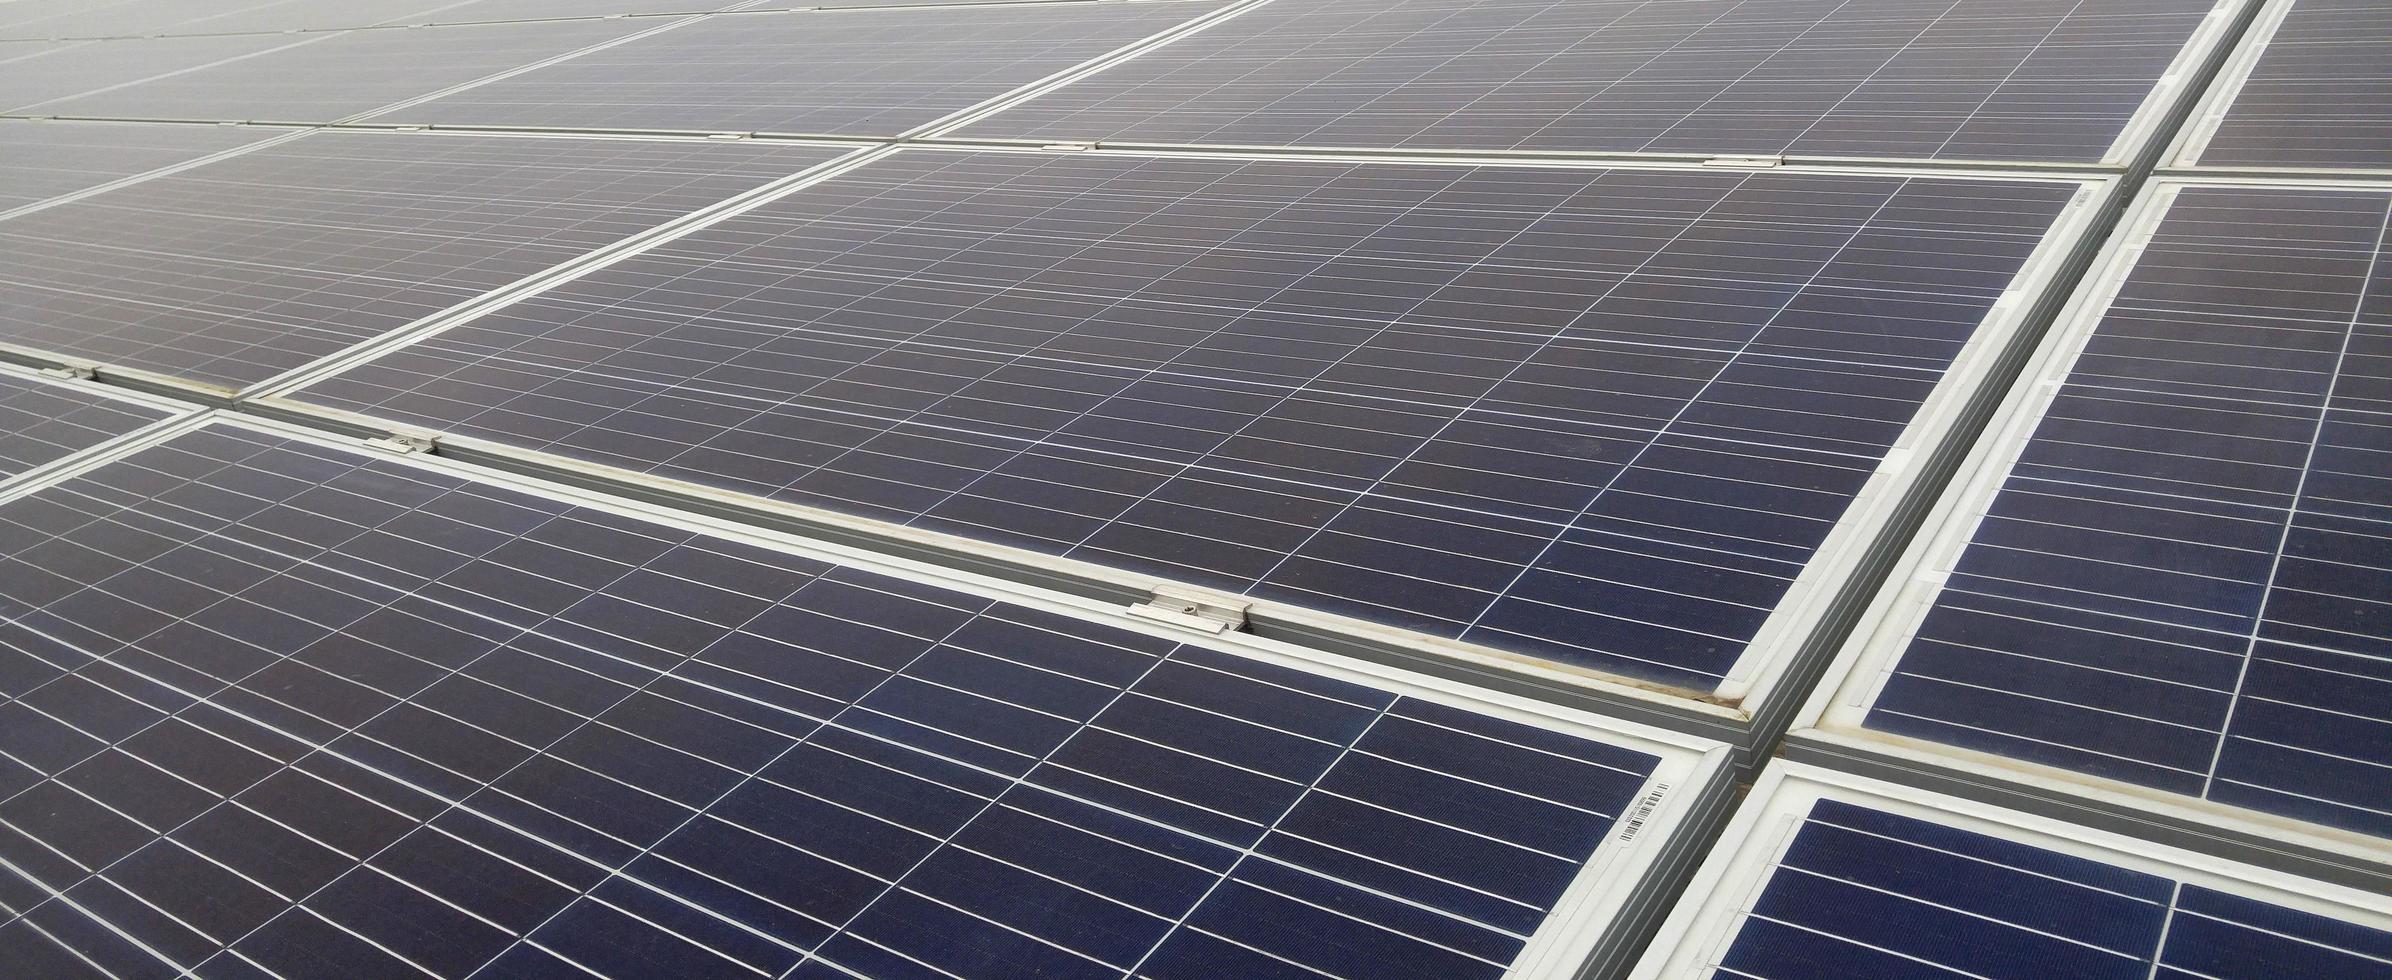 primo piano dei moduli solari foto